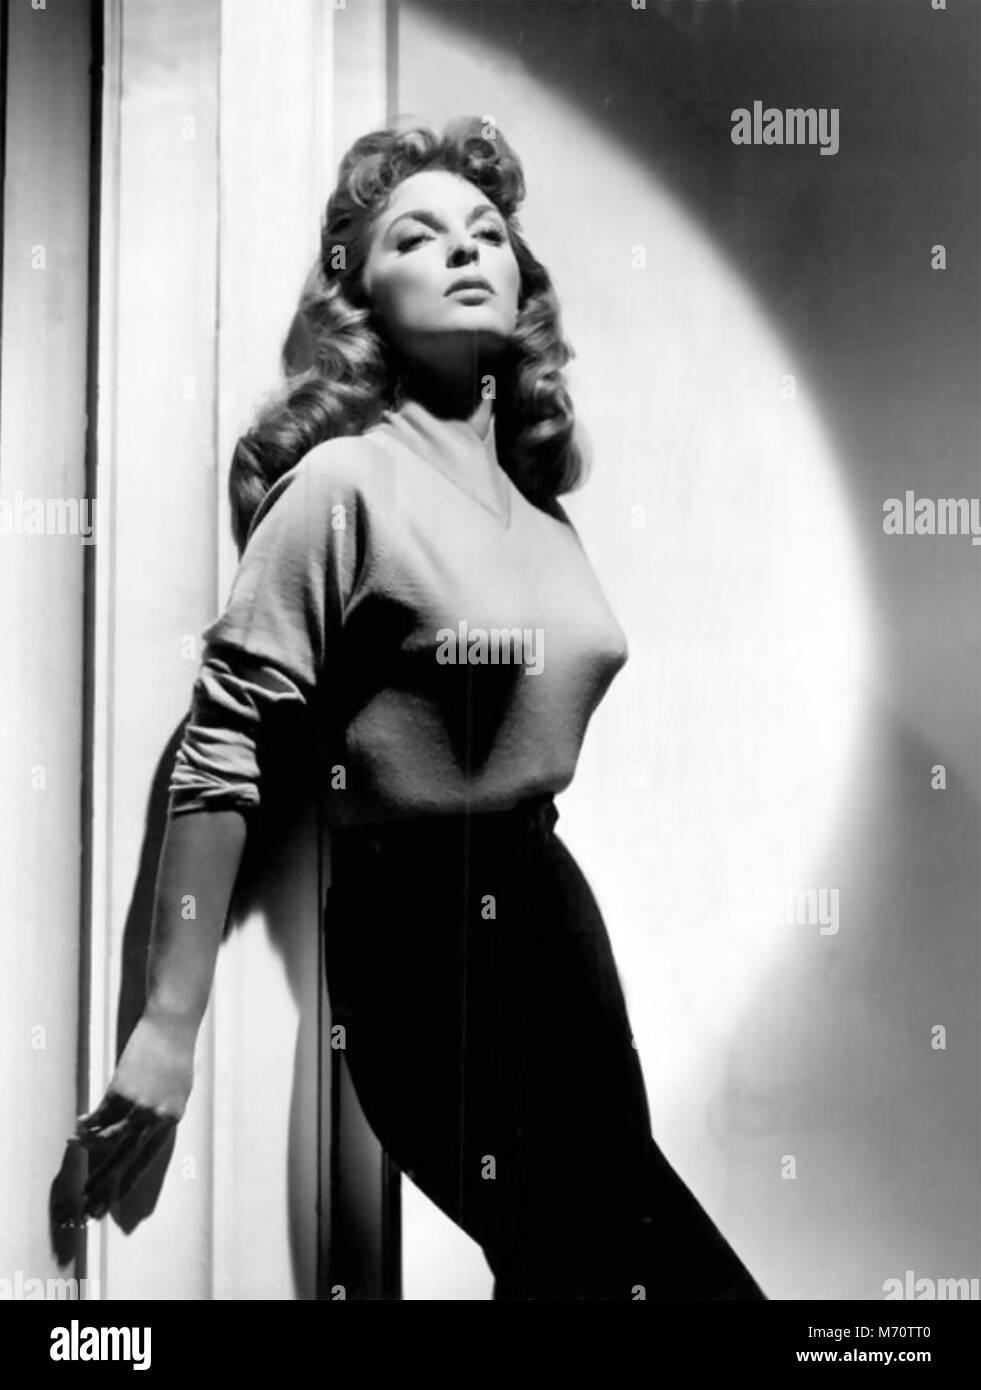 JULIE LONDON (1926-2000), US-amerikanische Sängerin und Schauspielerin über 1958 Stockfoto